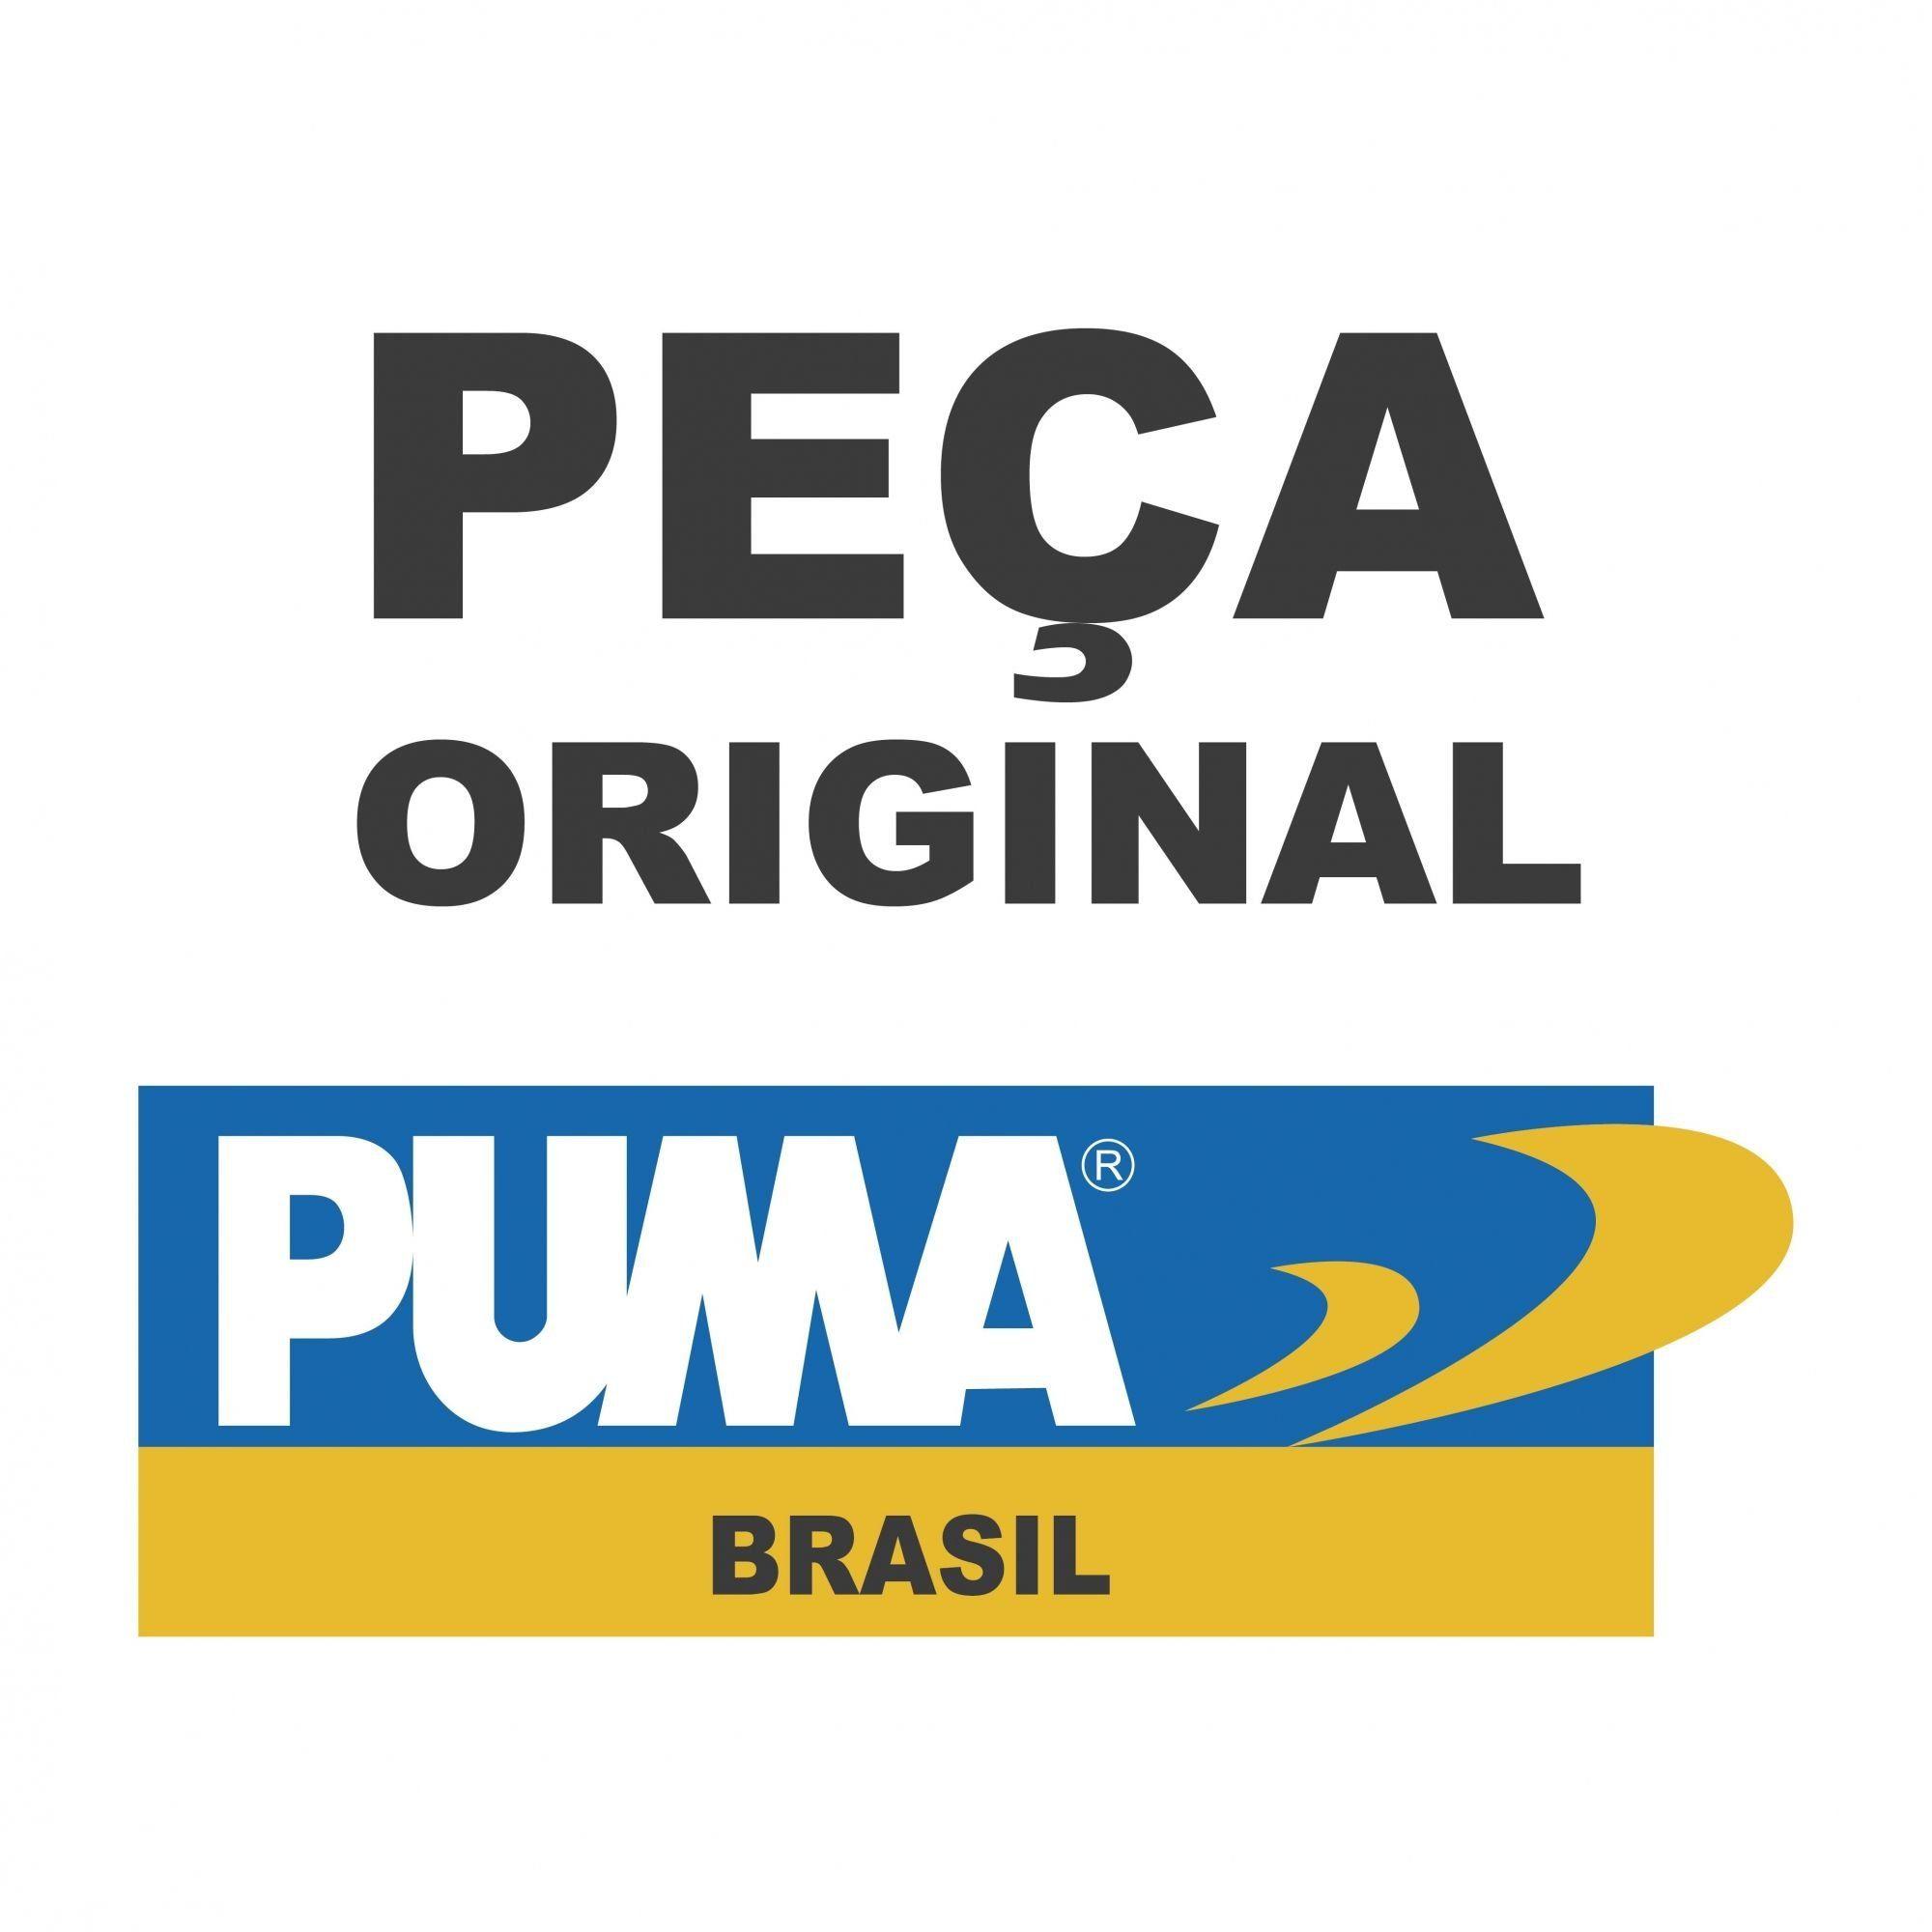 AGULHA DE PINTURA - PEÇA PNEUMÁTICA PUMA - B1005-05